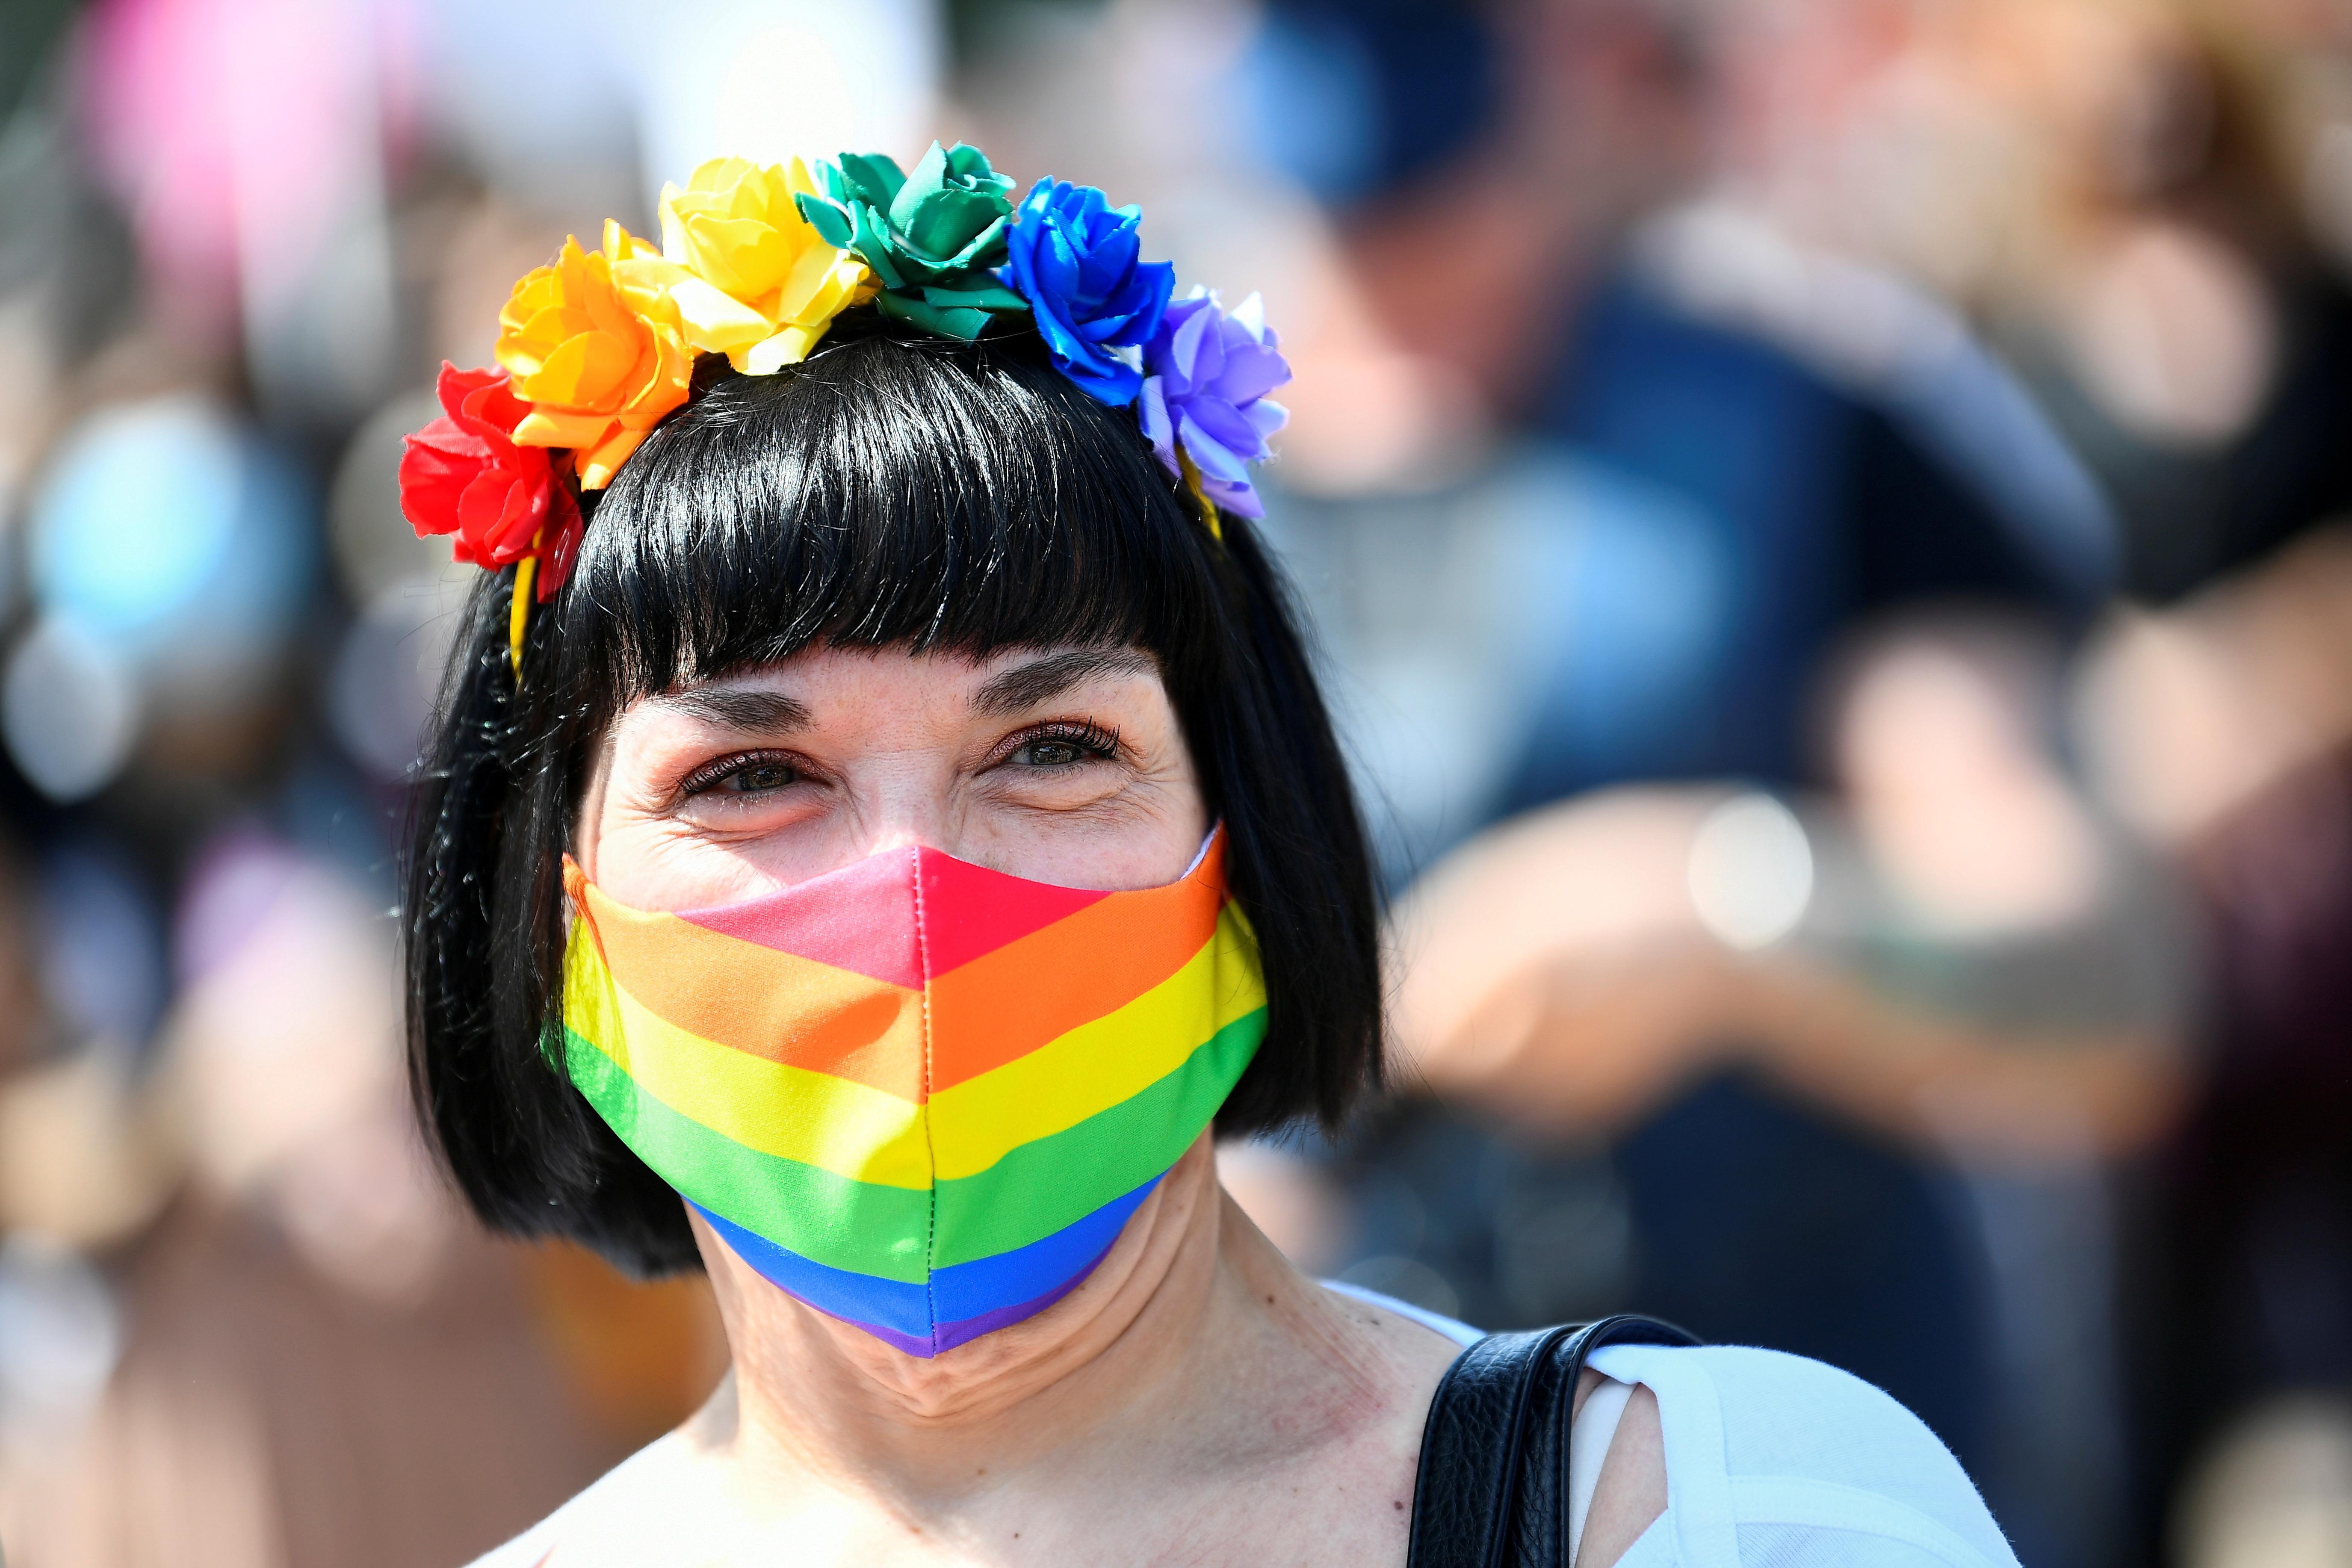 Vatikan kritisiert geplantes italienisches Anti-Homophobie-Gesetz